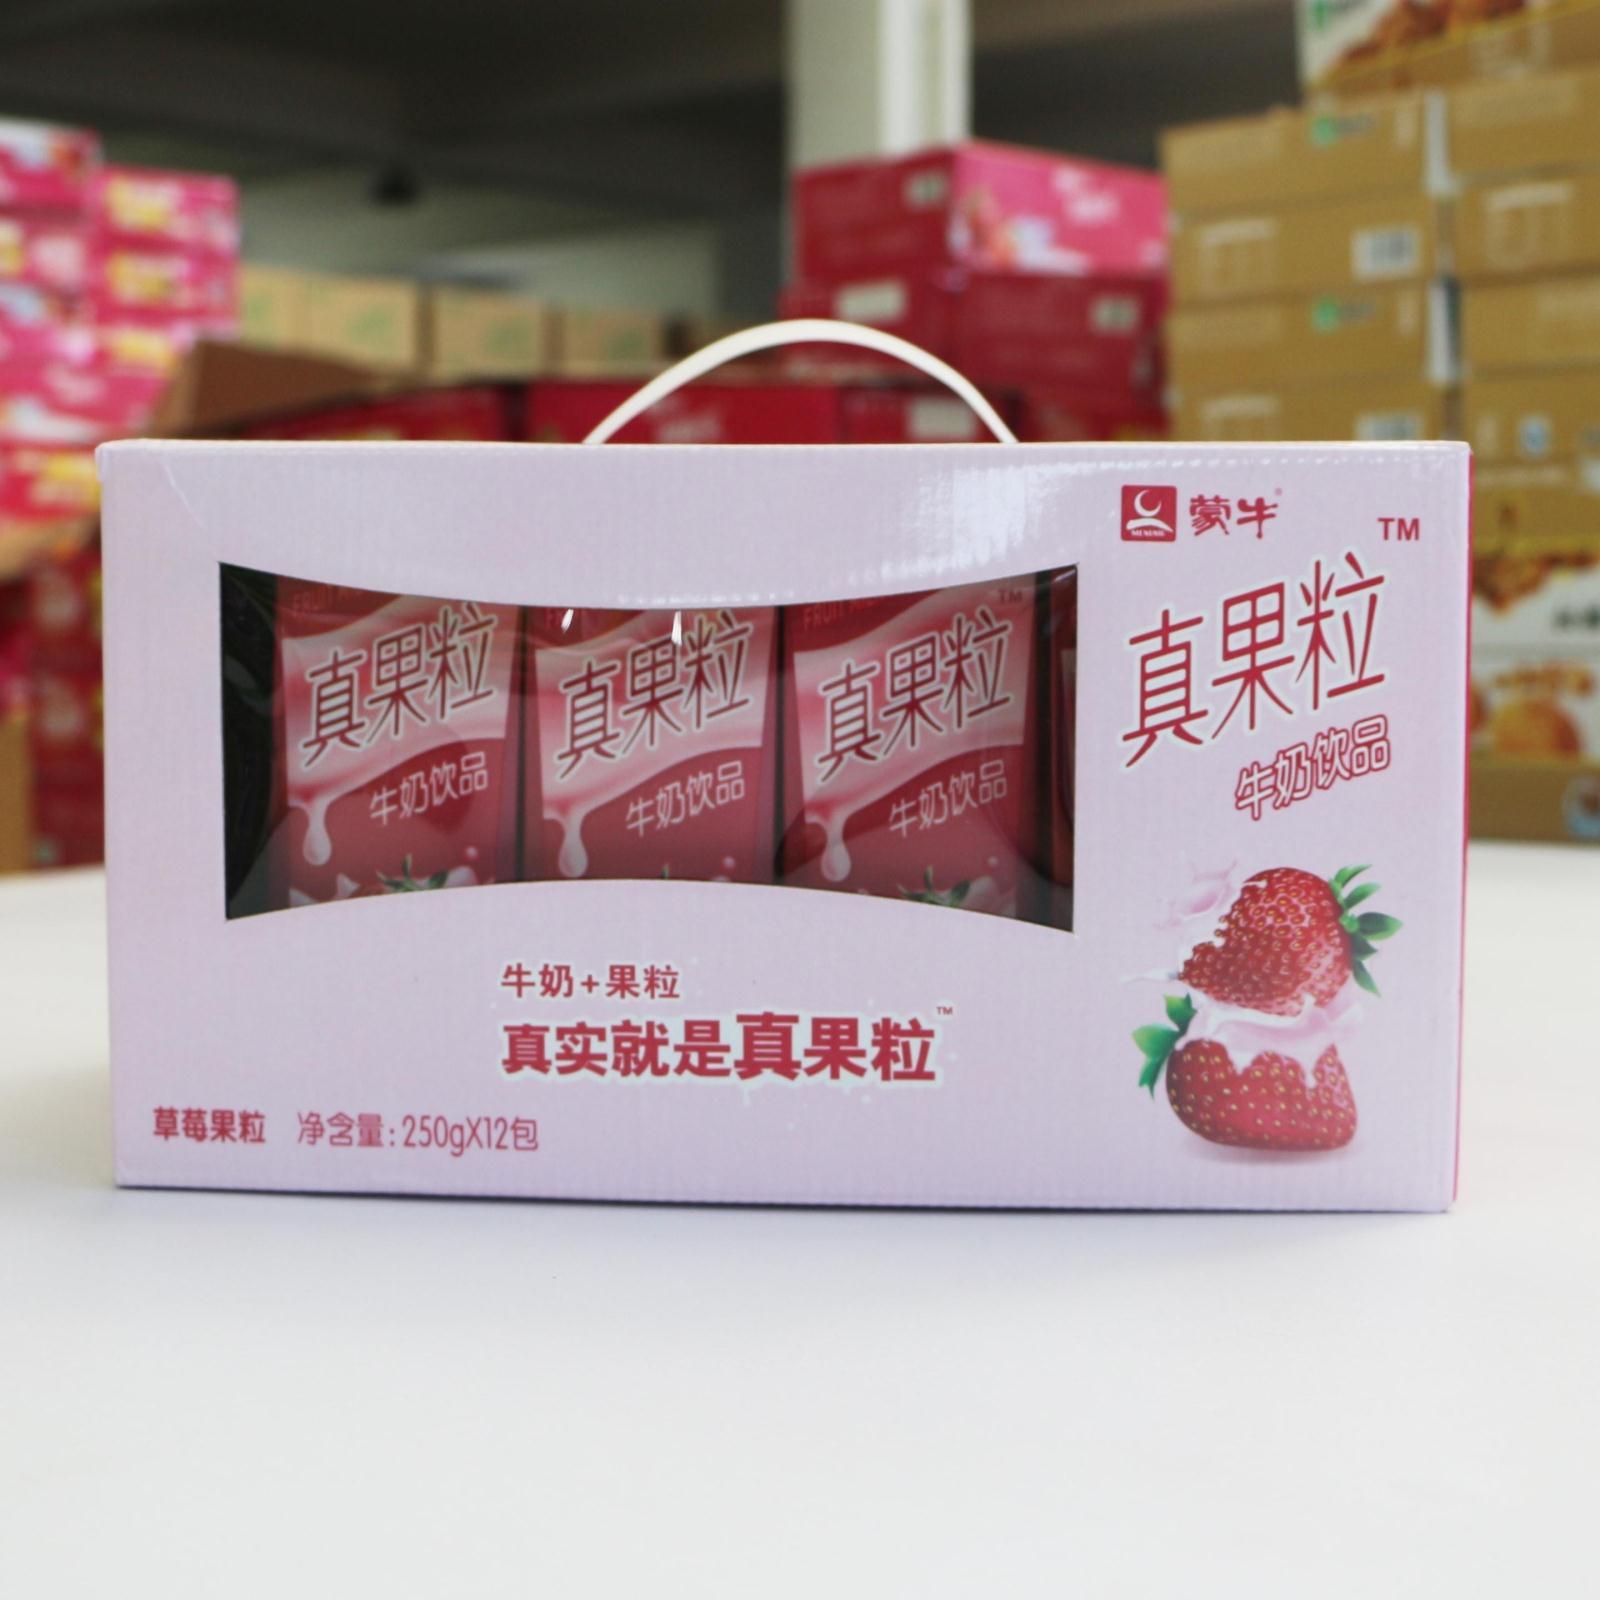 【蒙牛 】9月份蒙牛真果粒草莓口味牛奶250ml times 12盒